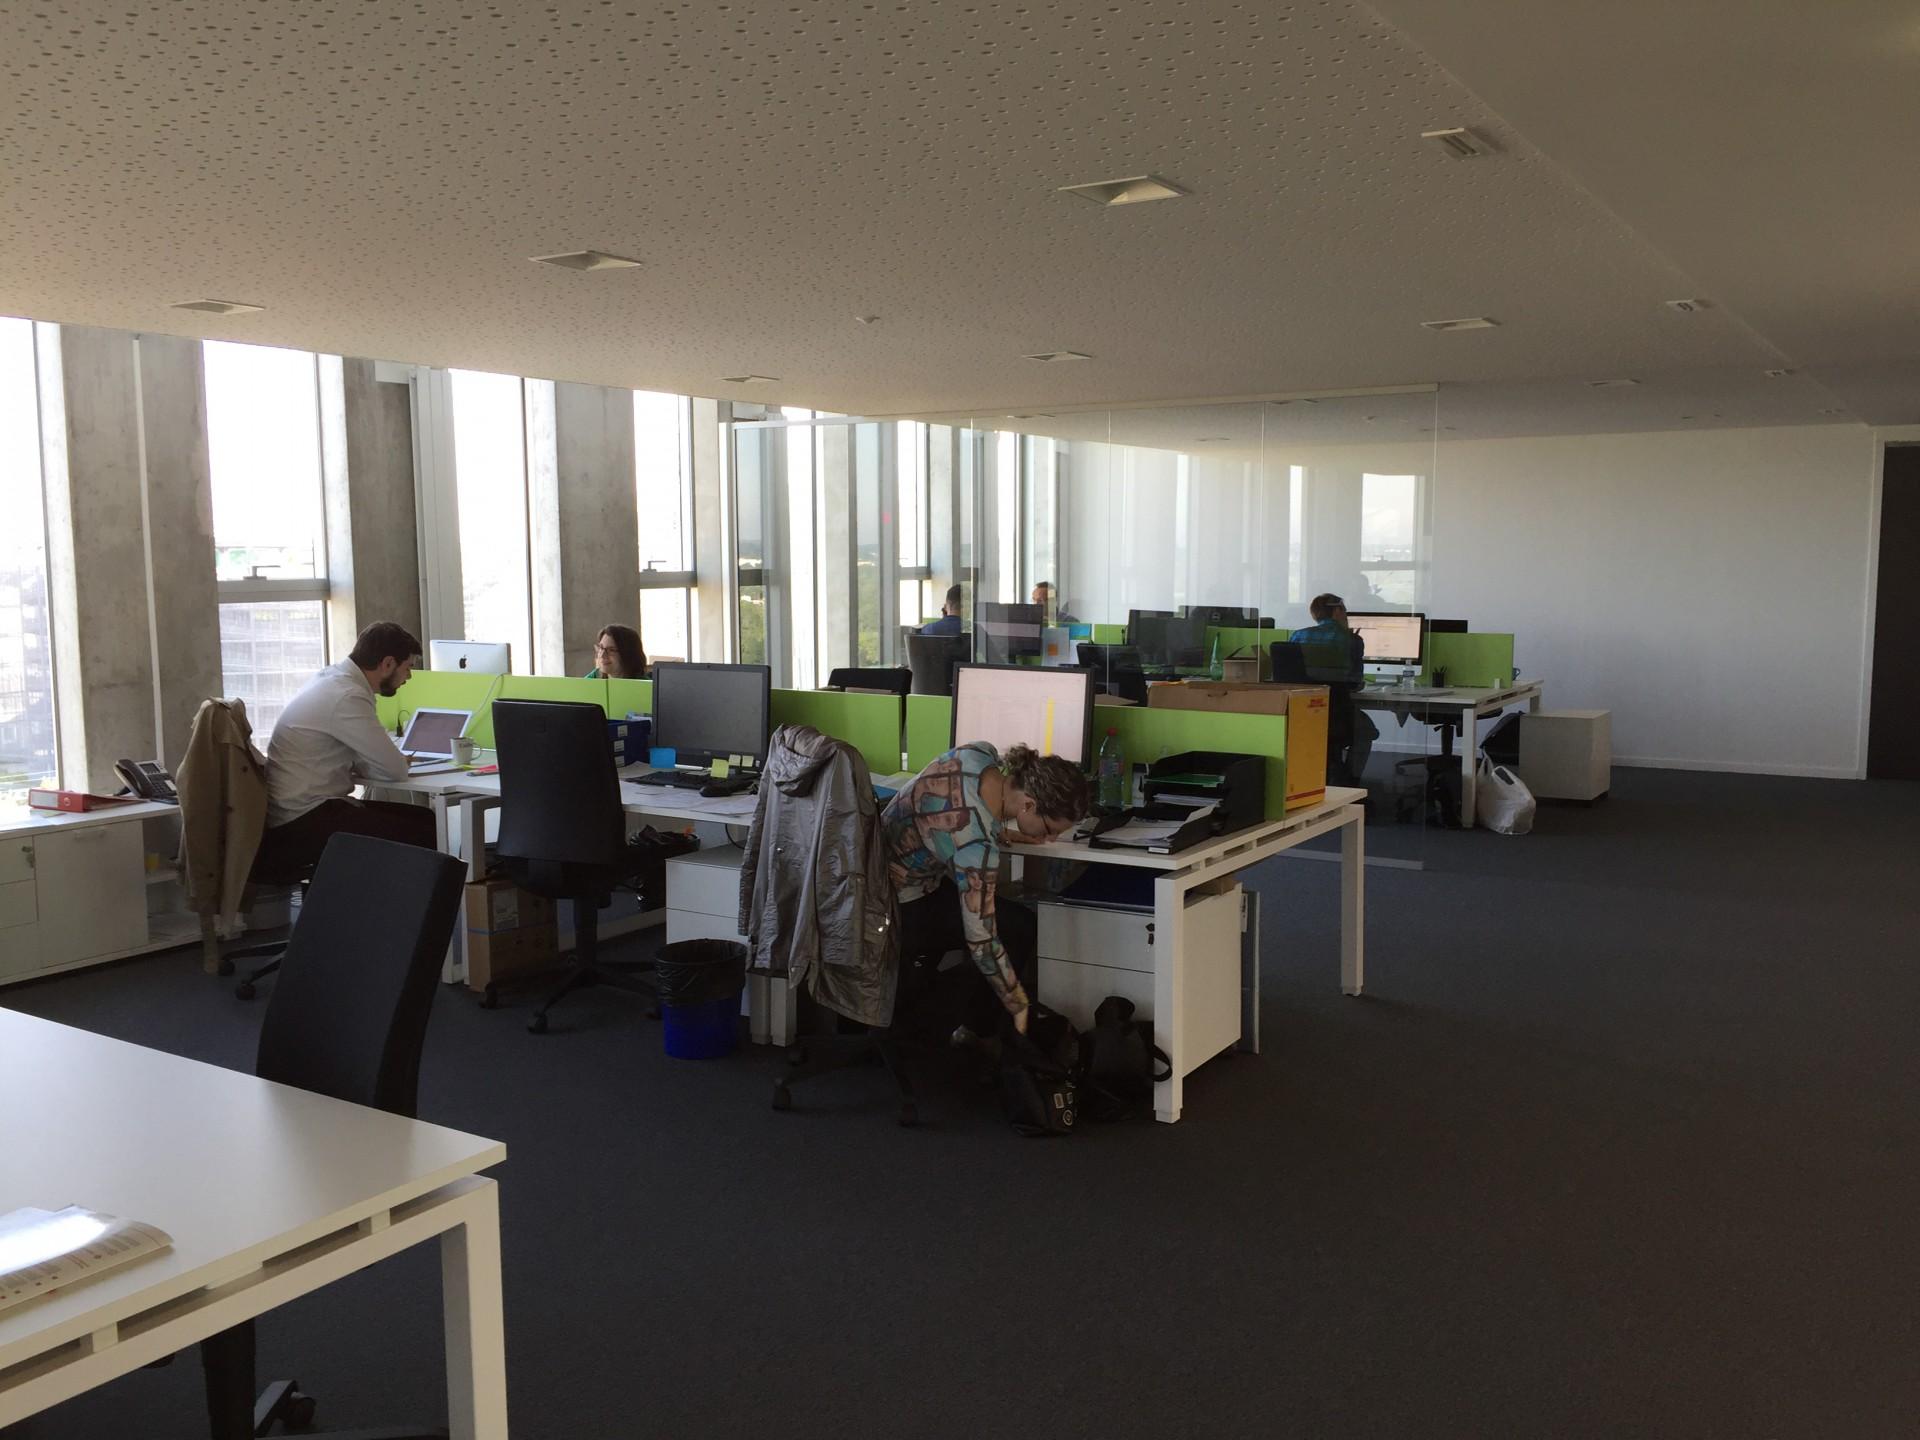 Mobilier de bureau agencement sur mesure creativ mobilier for Mobilier bureau particulier